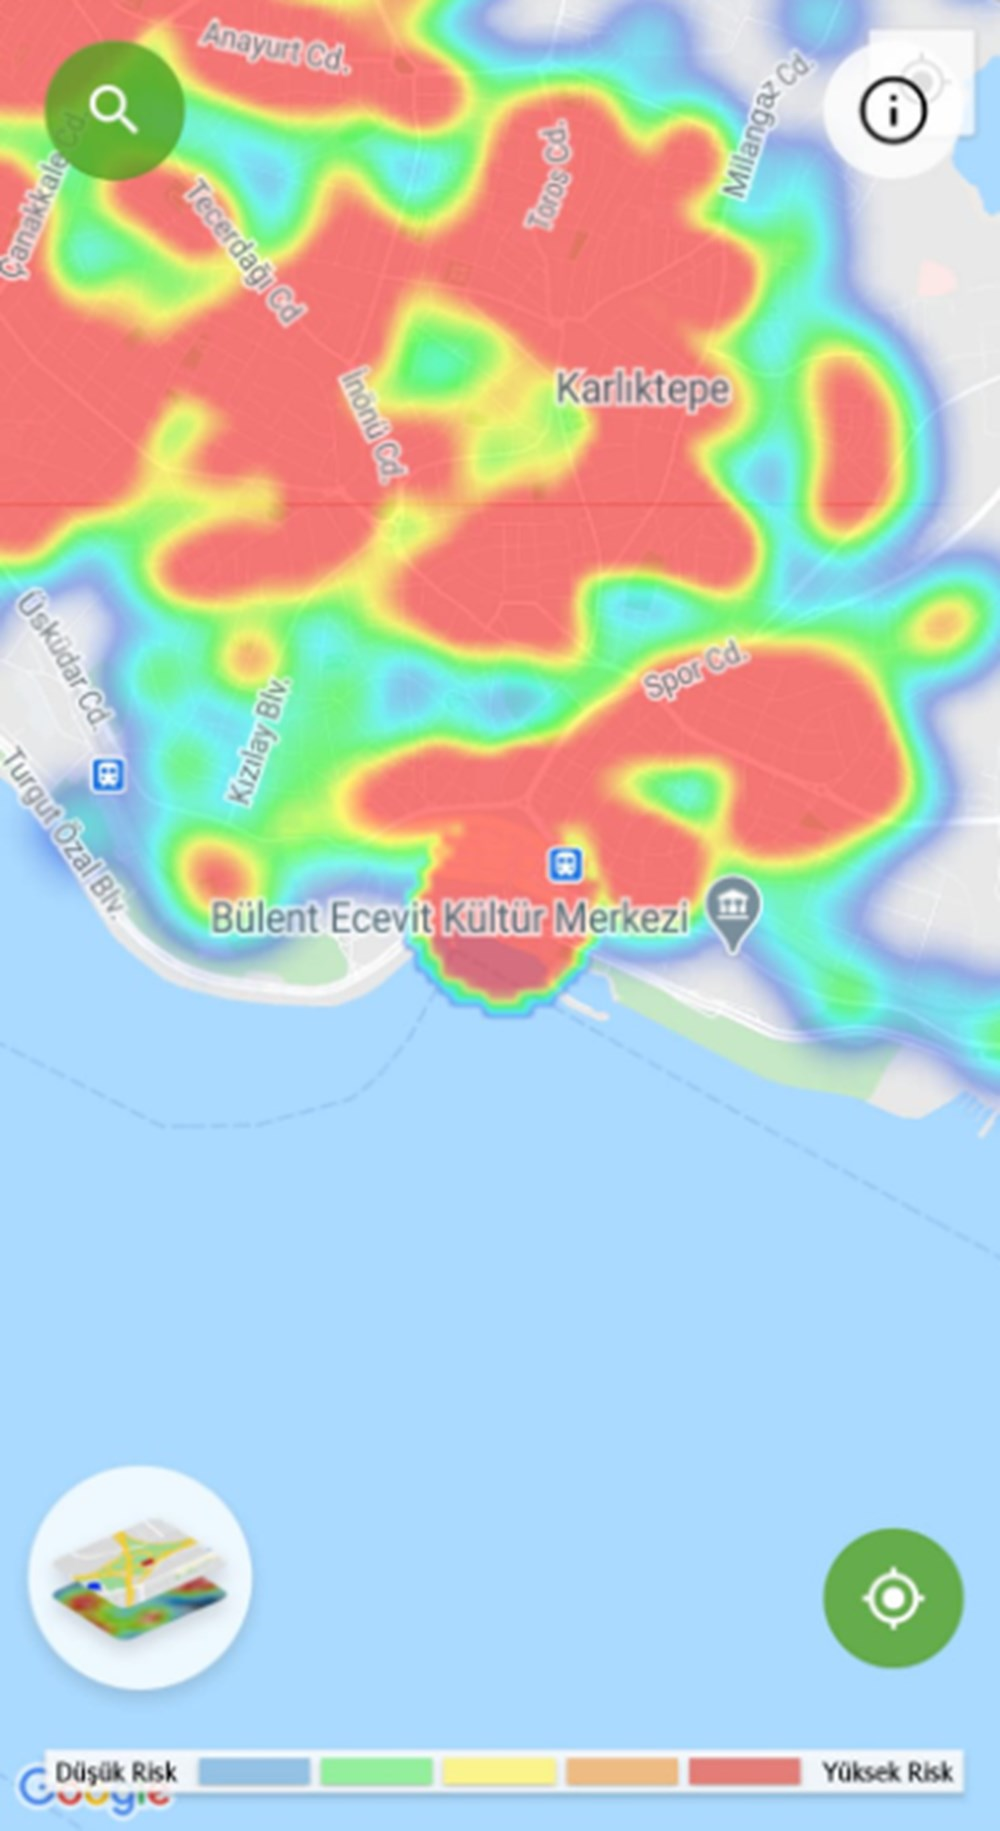 Corona haritası kızarıyor (İstanbul'un en güvenli ilçeleri) - 23